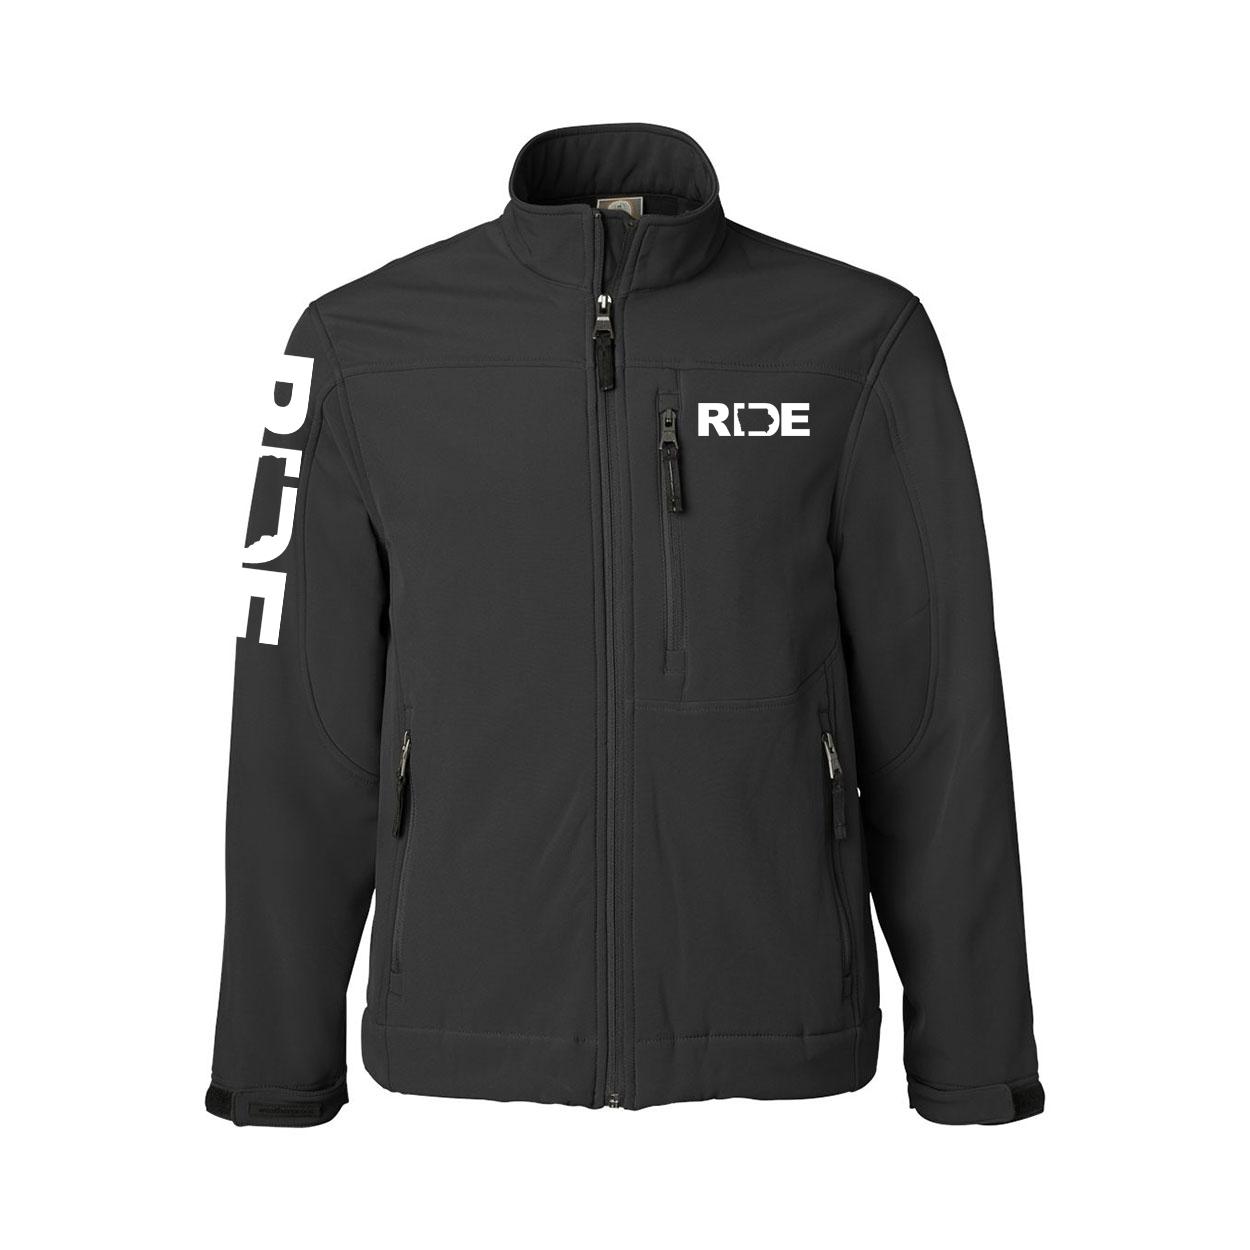 Ride Iowa Classic Soft Shell Weatherproof Jacket